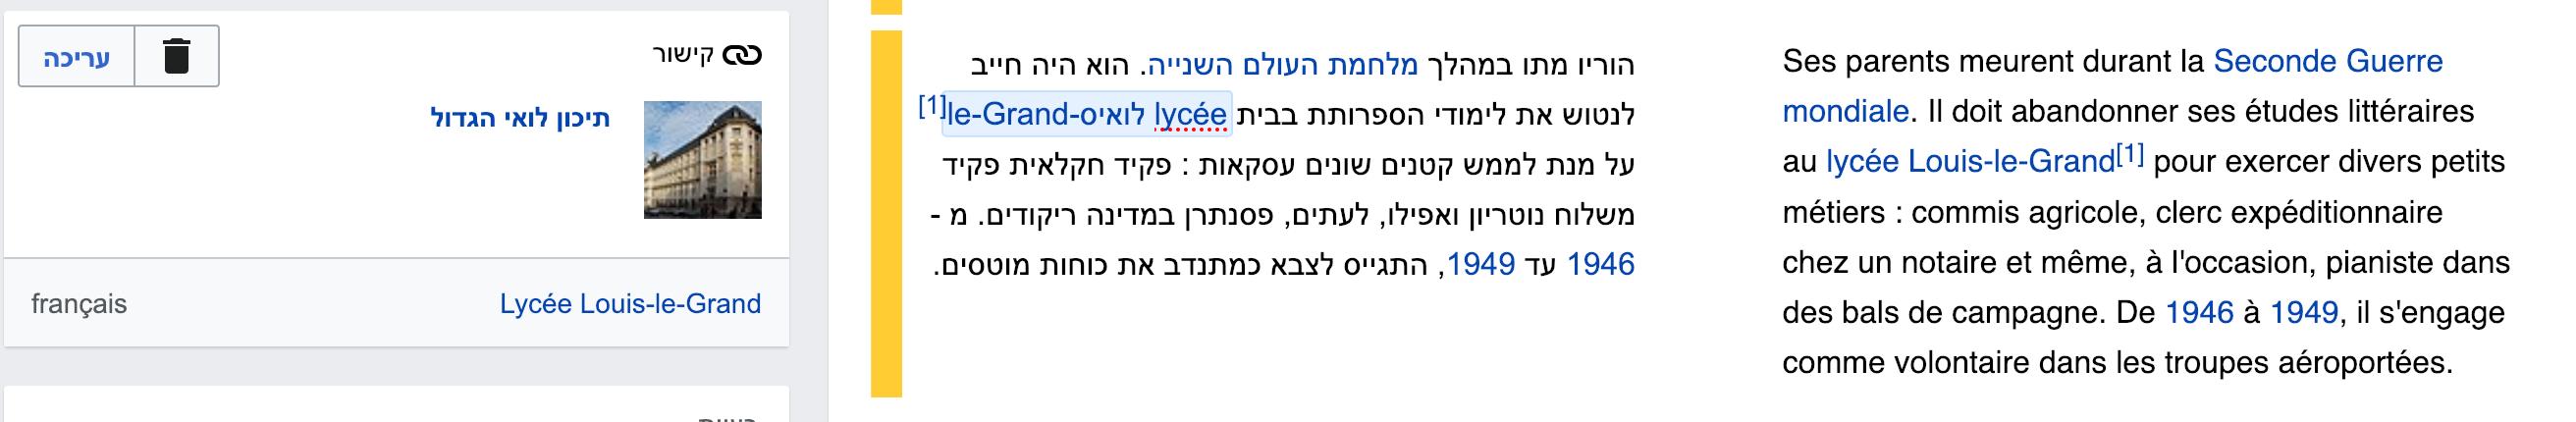 Screenshot_2018-11-23 תרגום דף – ויקיפדיה(1).png (430×2 px, 185 KB)